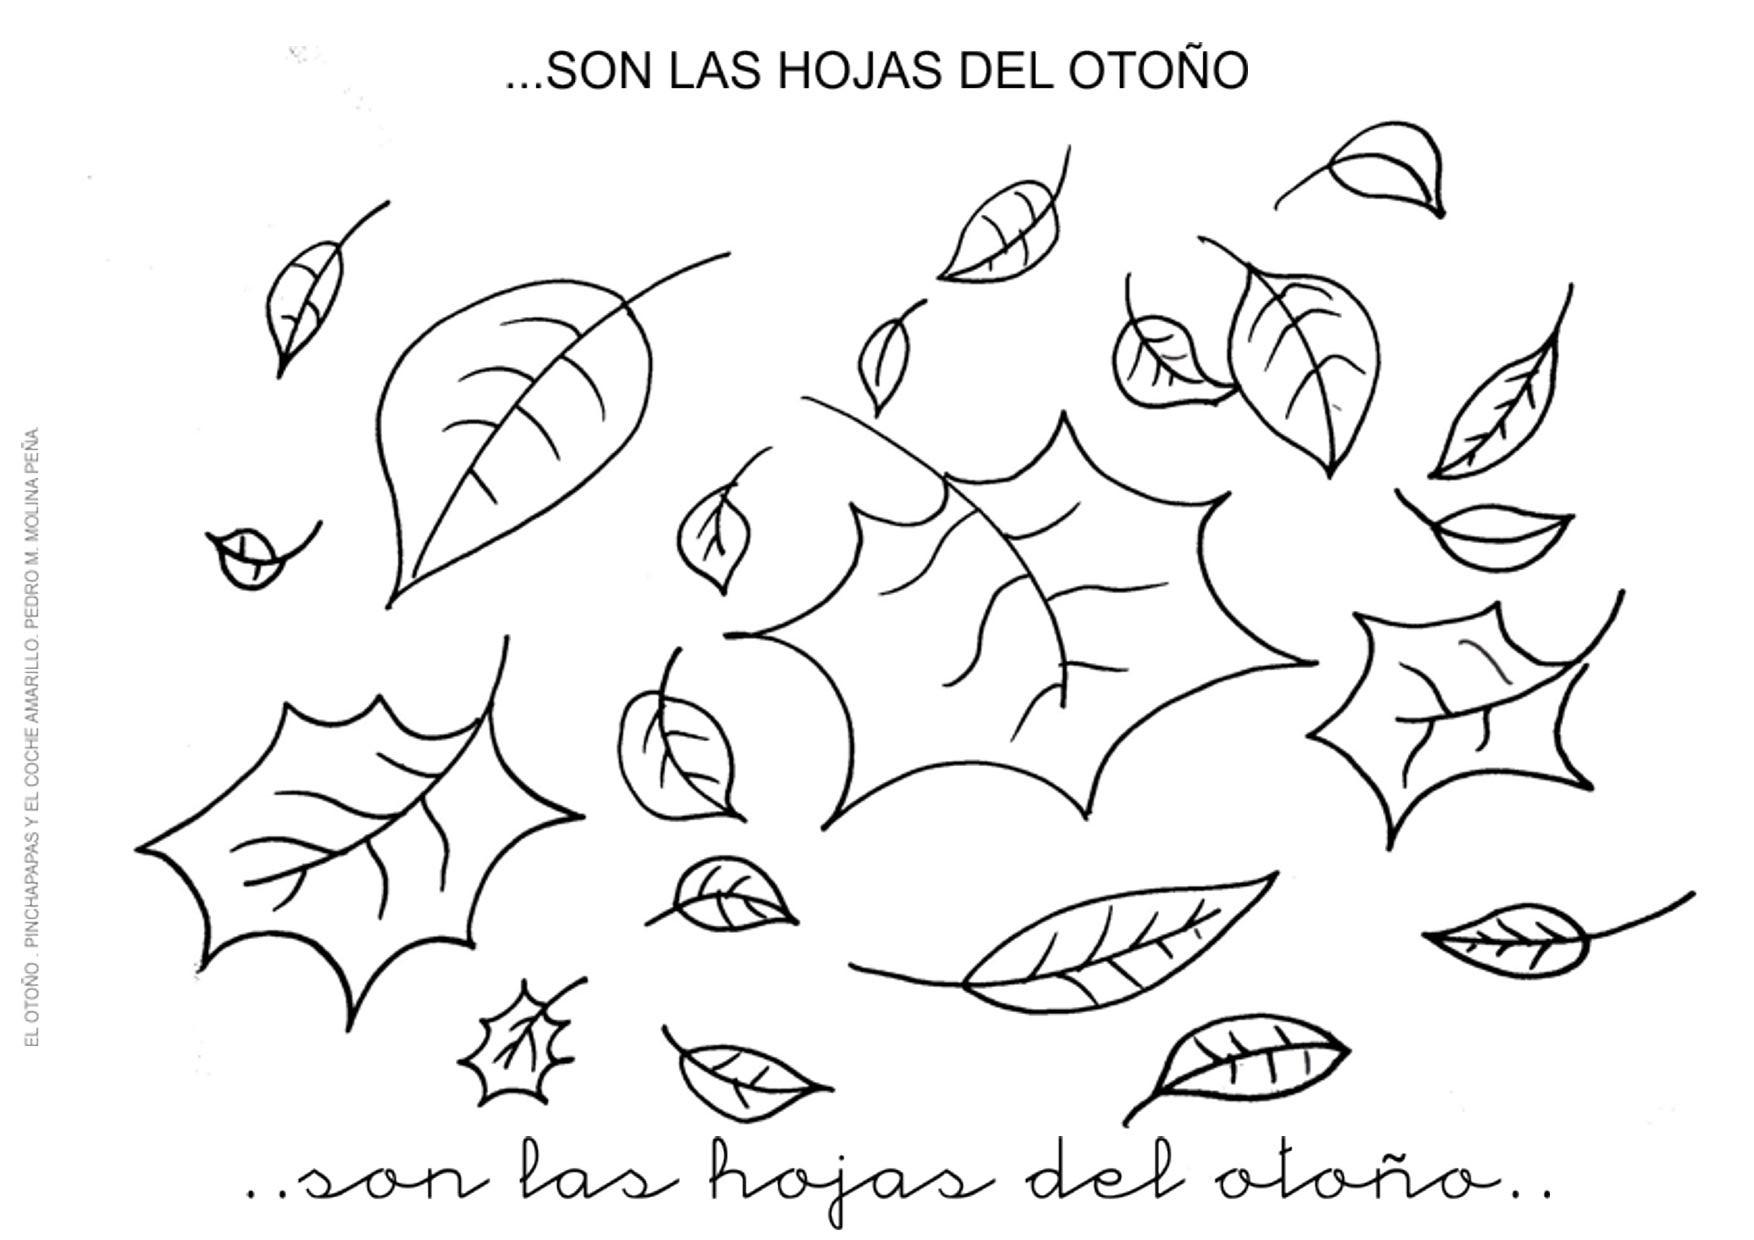 2. SON LAS HOJAS DEL OTOÑO - Orientación Andújar - Recursos Educativos